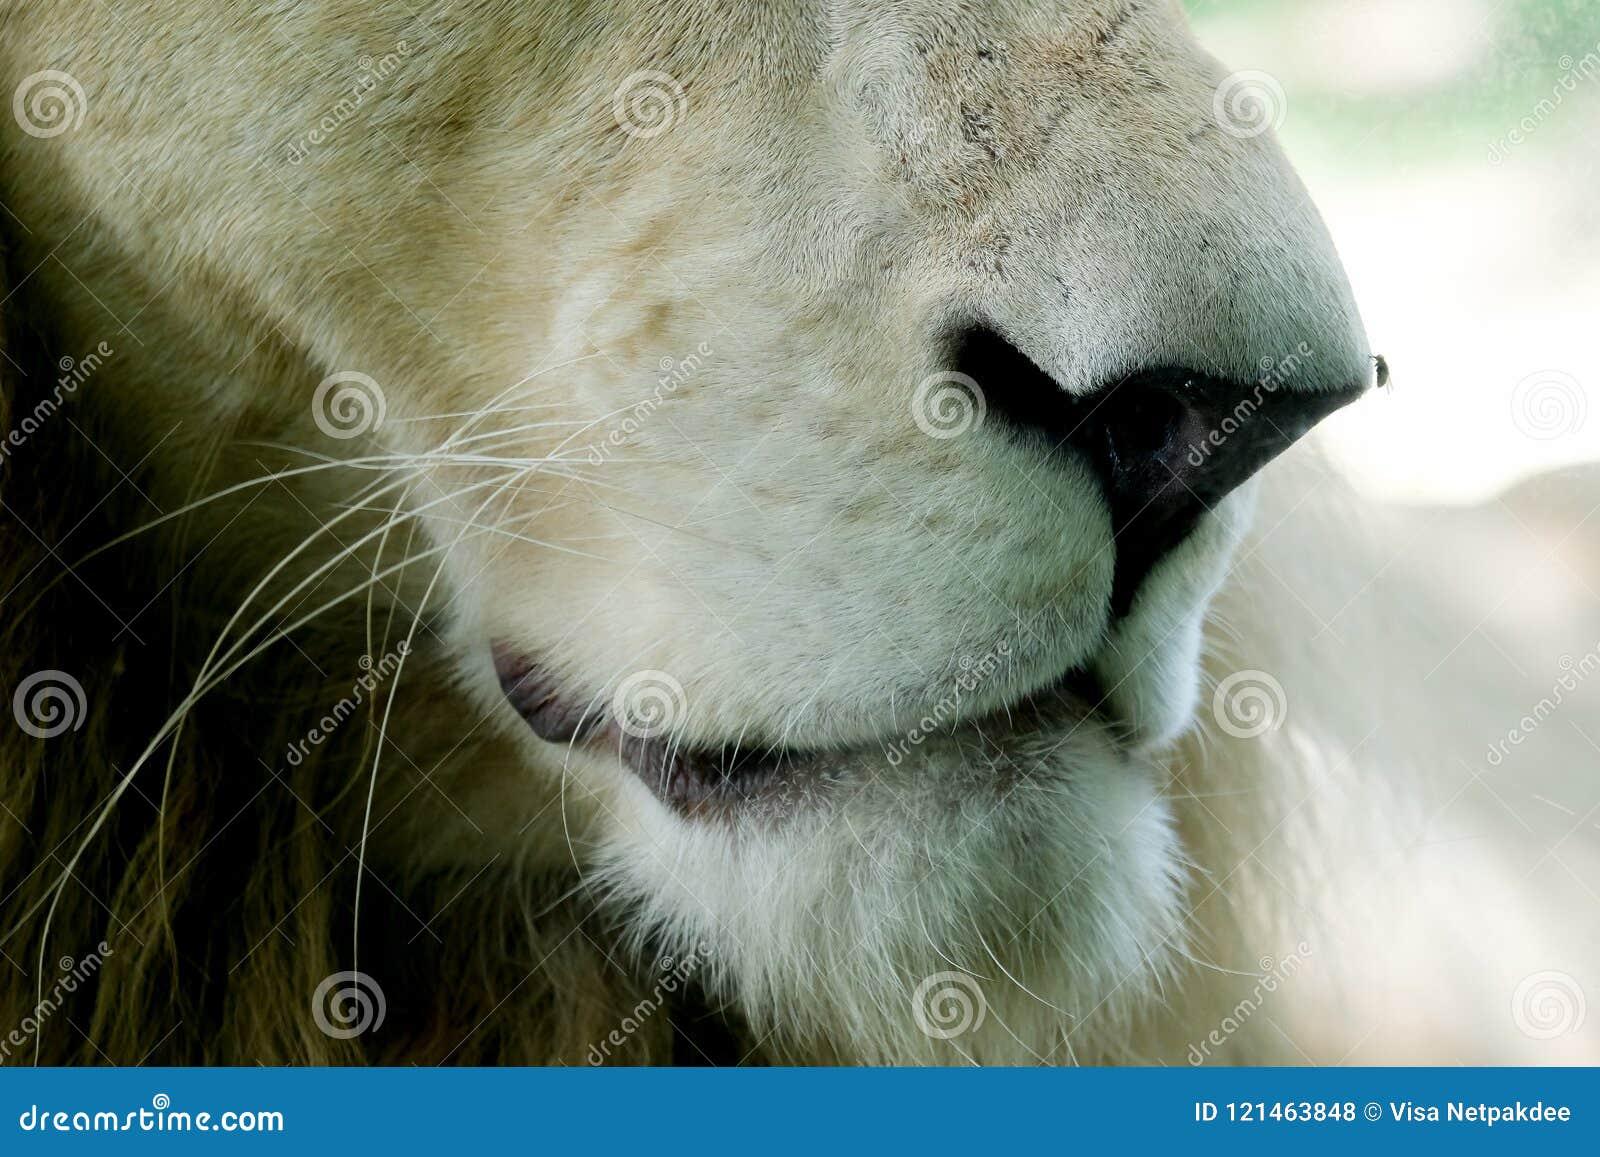 нос и рот белого льва